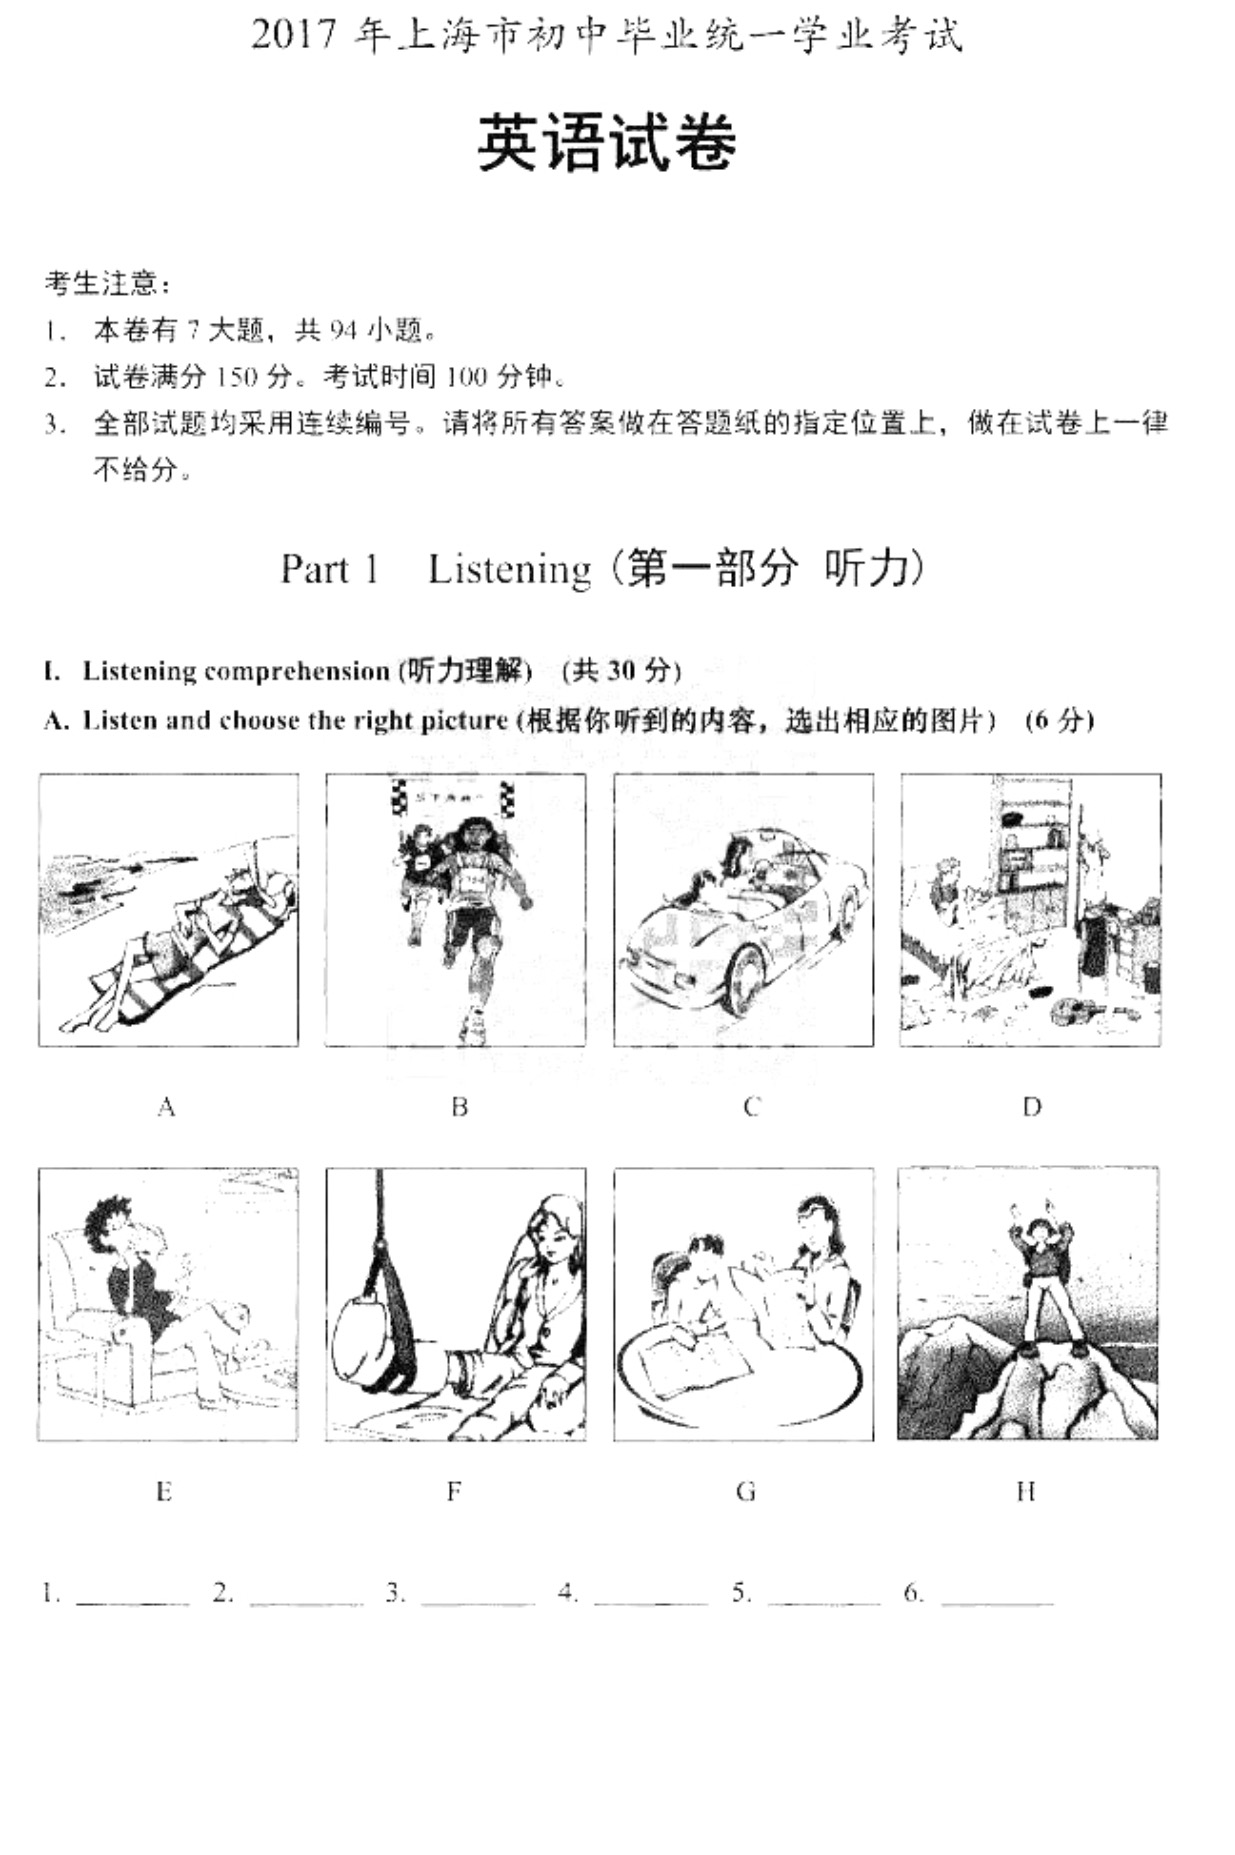 2017上海中考英语试题及答案解析(图片版)